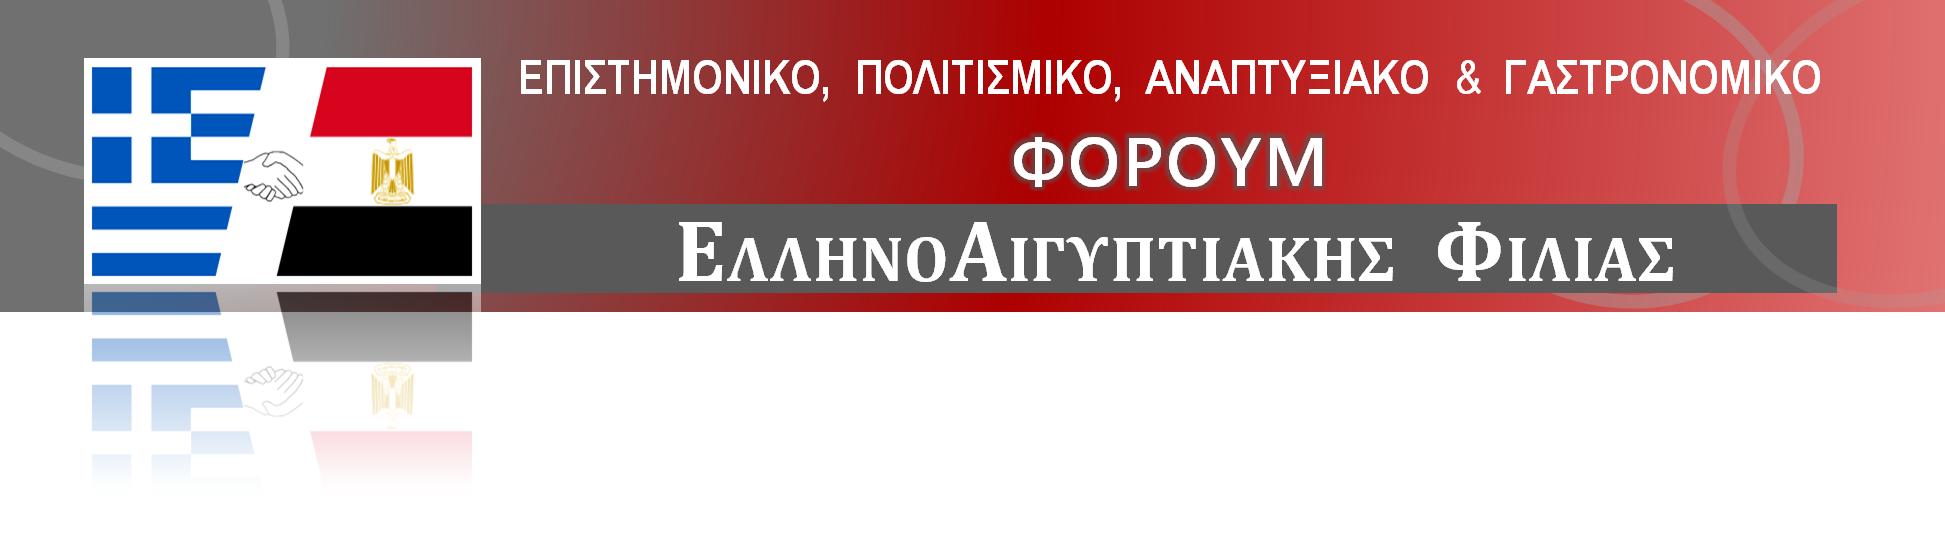 greekegyptianforum.com